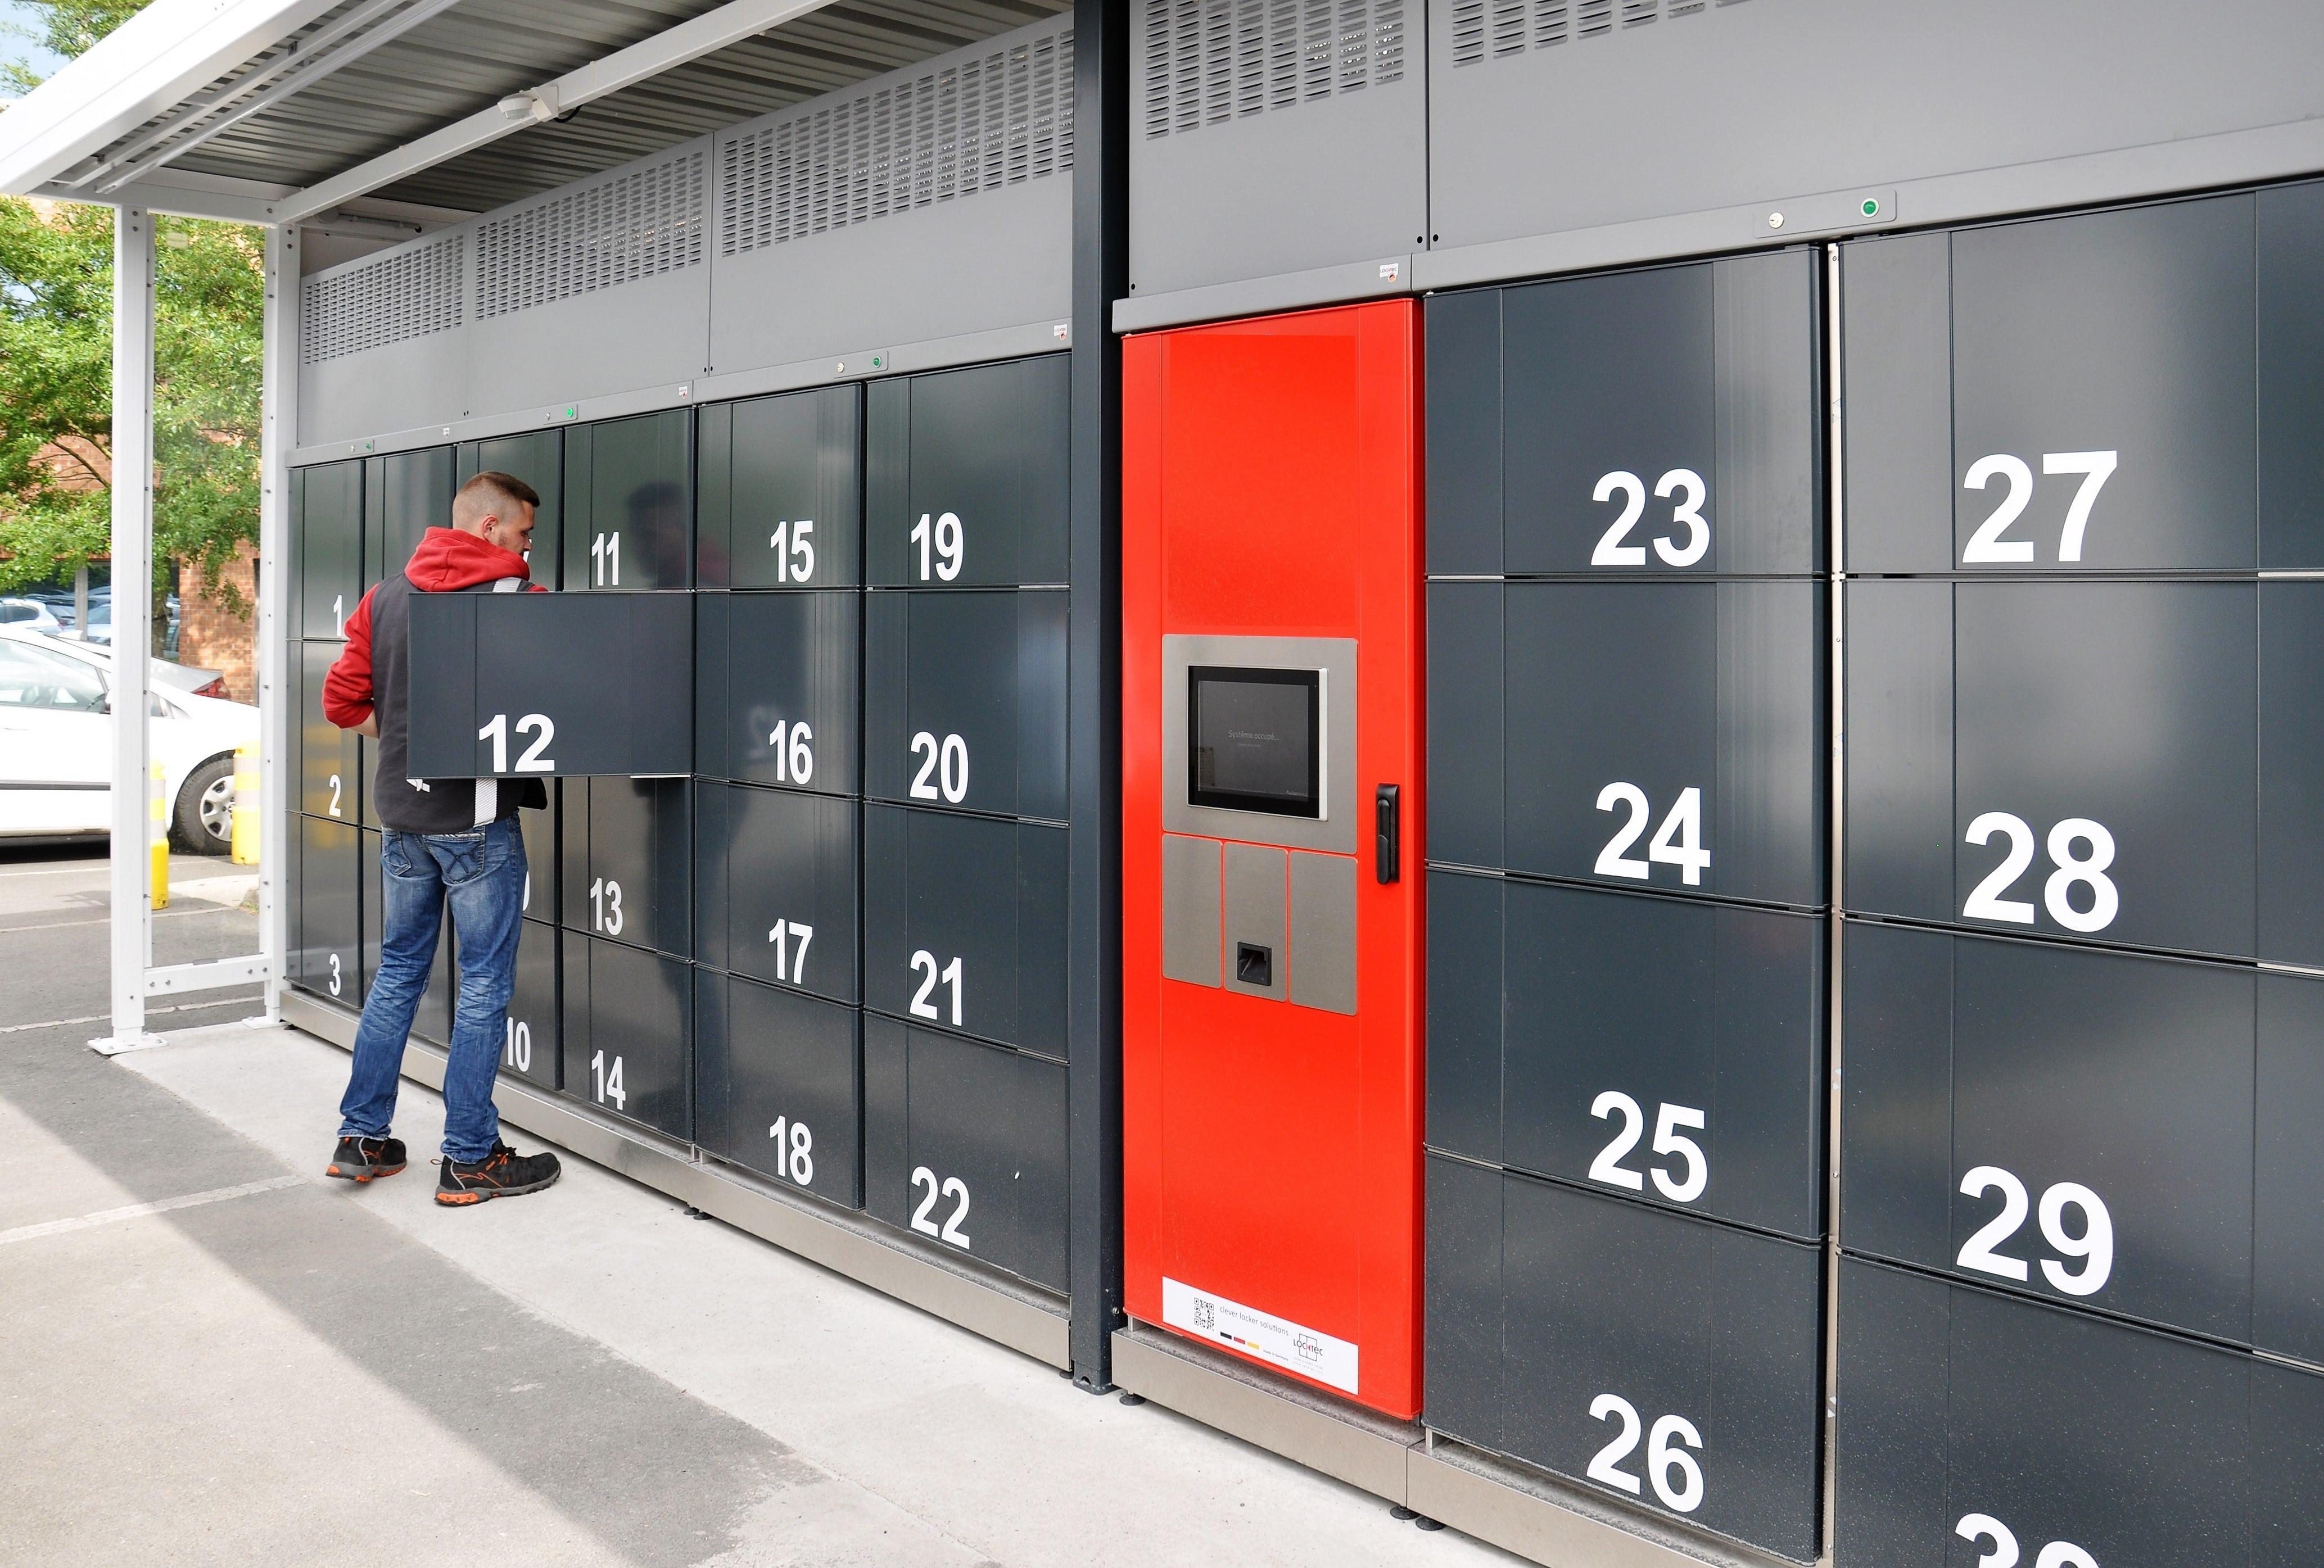 Taquillas refrigeradas – cool lockers. Estación de recogida refrigerada para alimentos en el exterior cubierto.